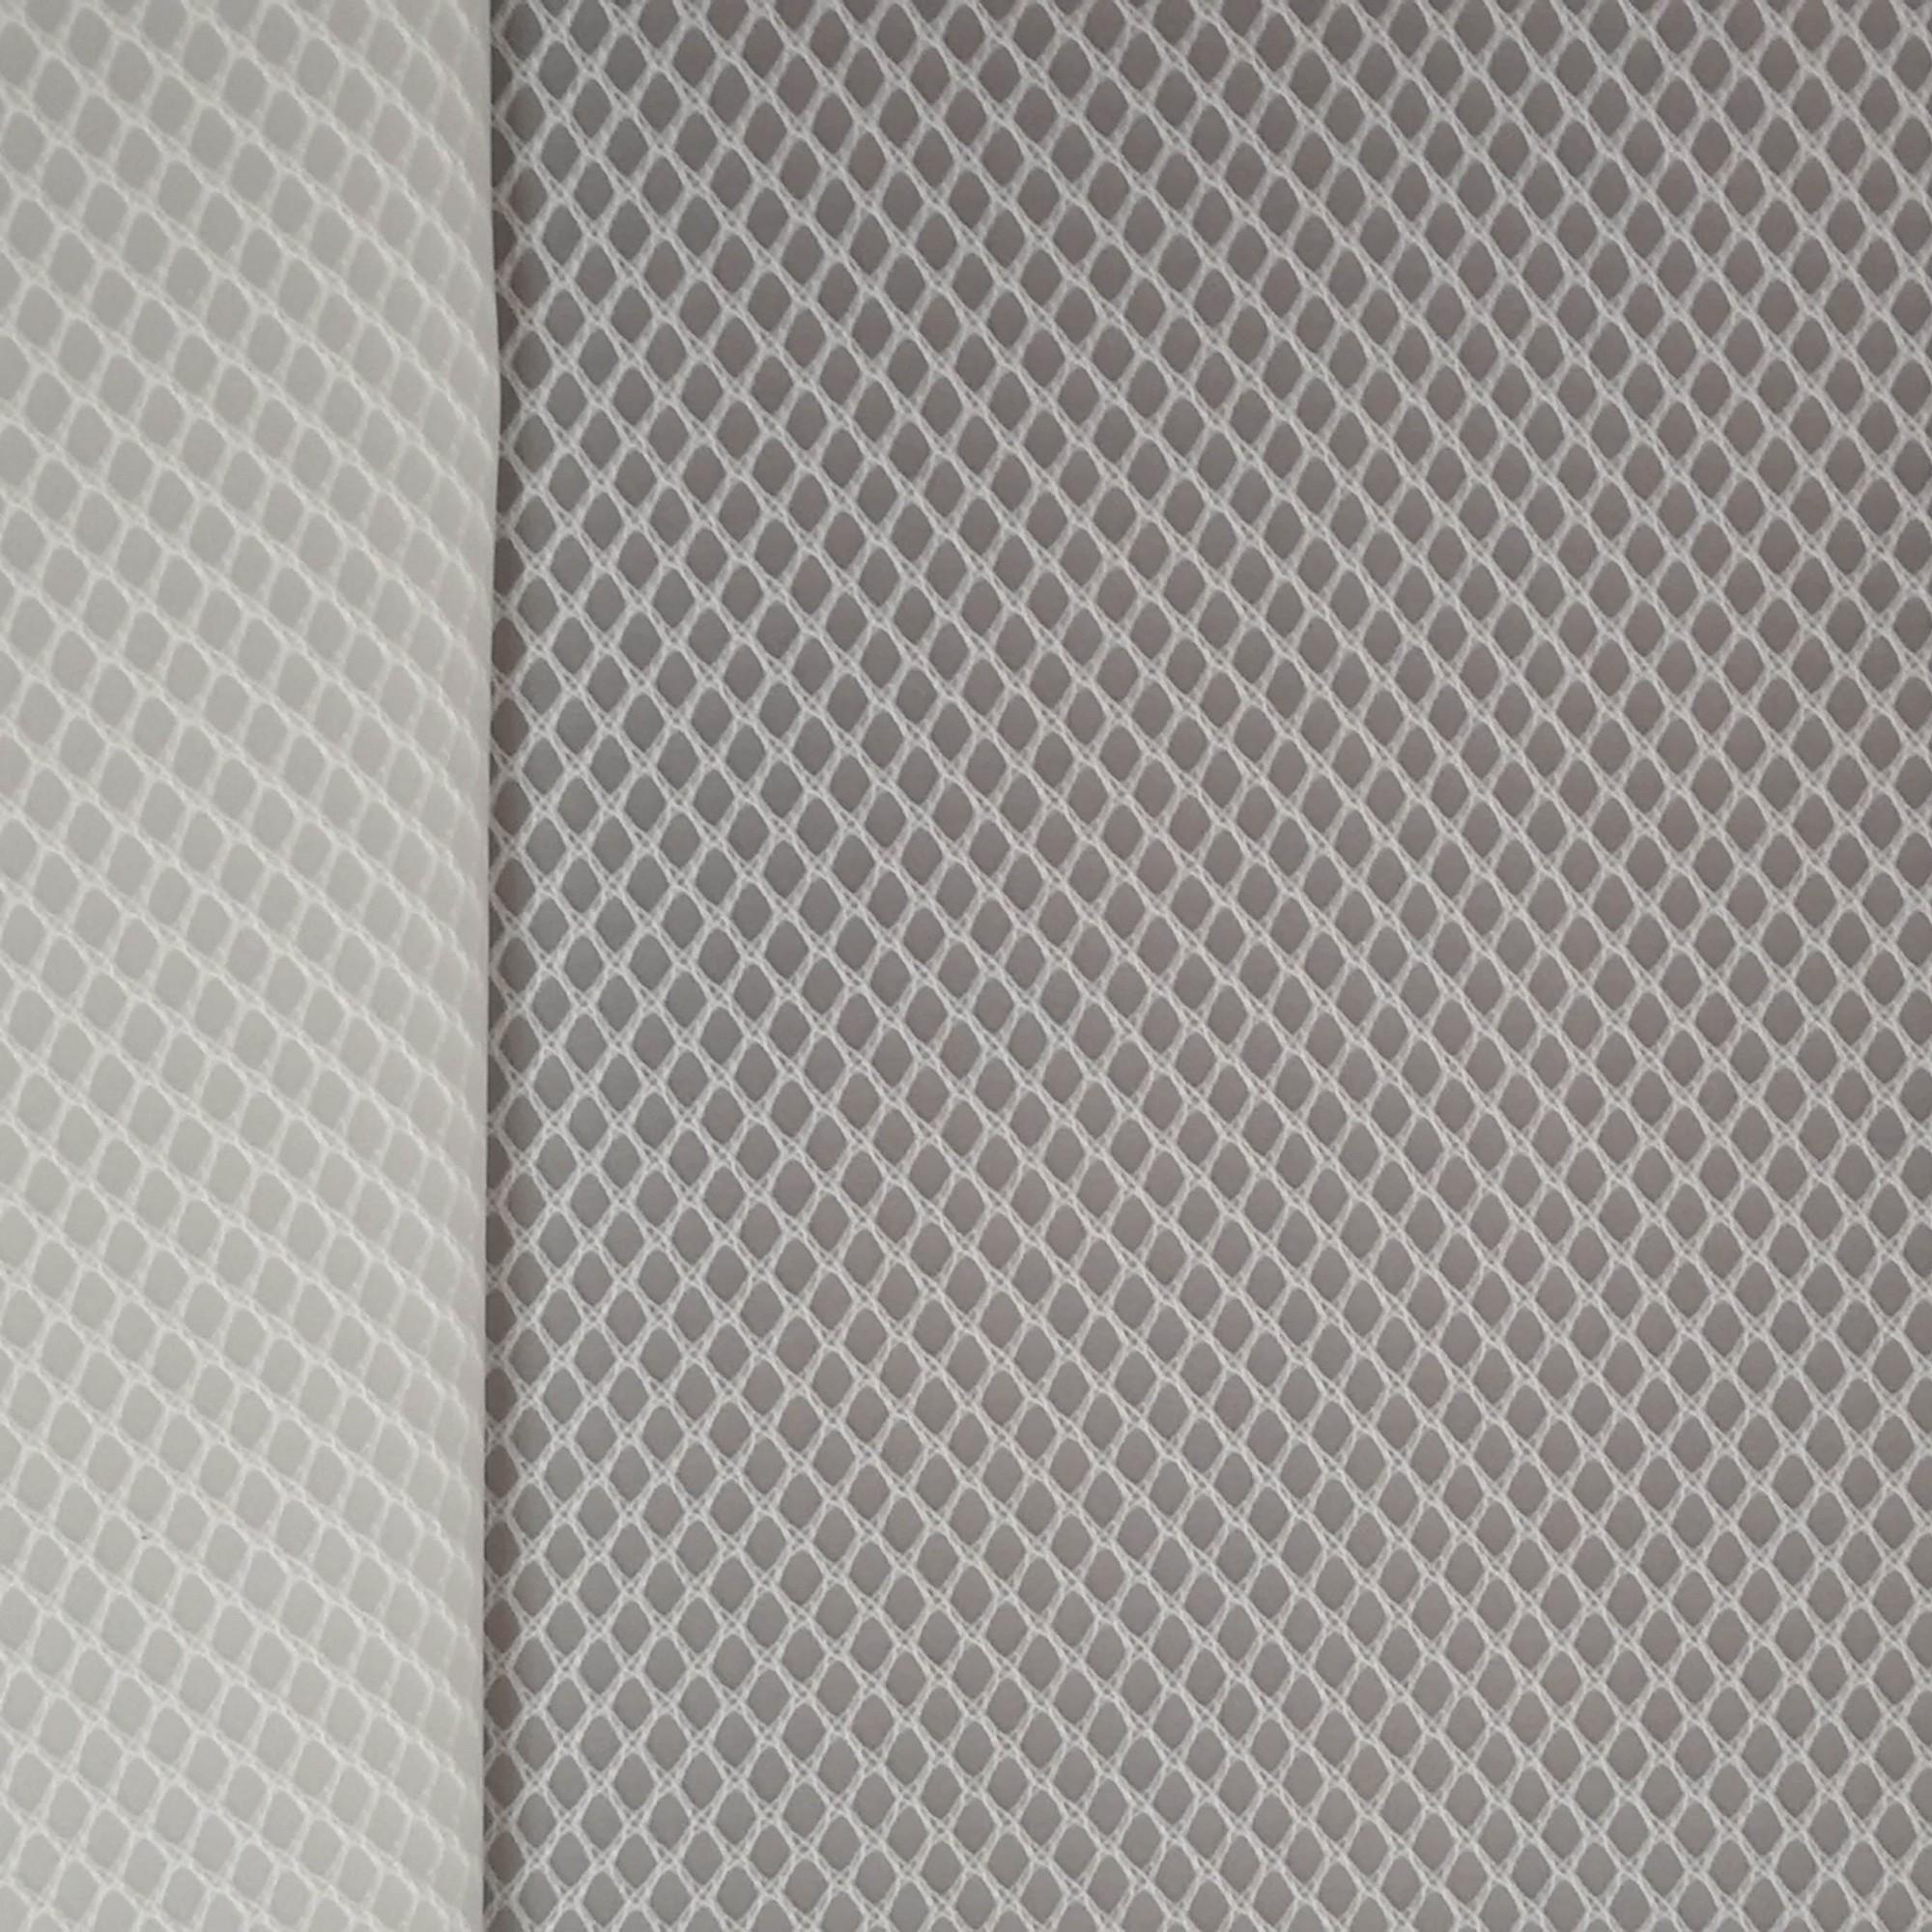 菱形夹网布